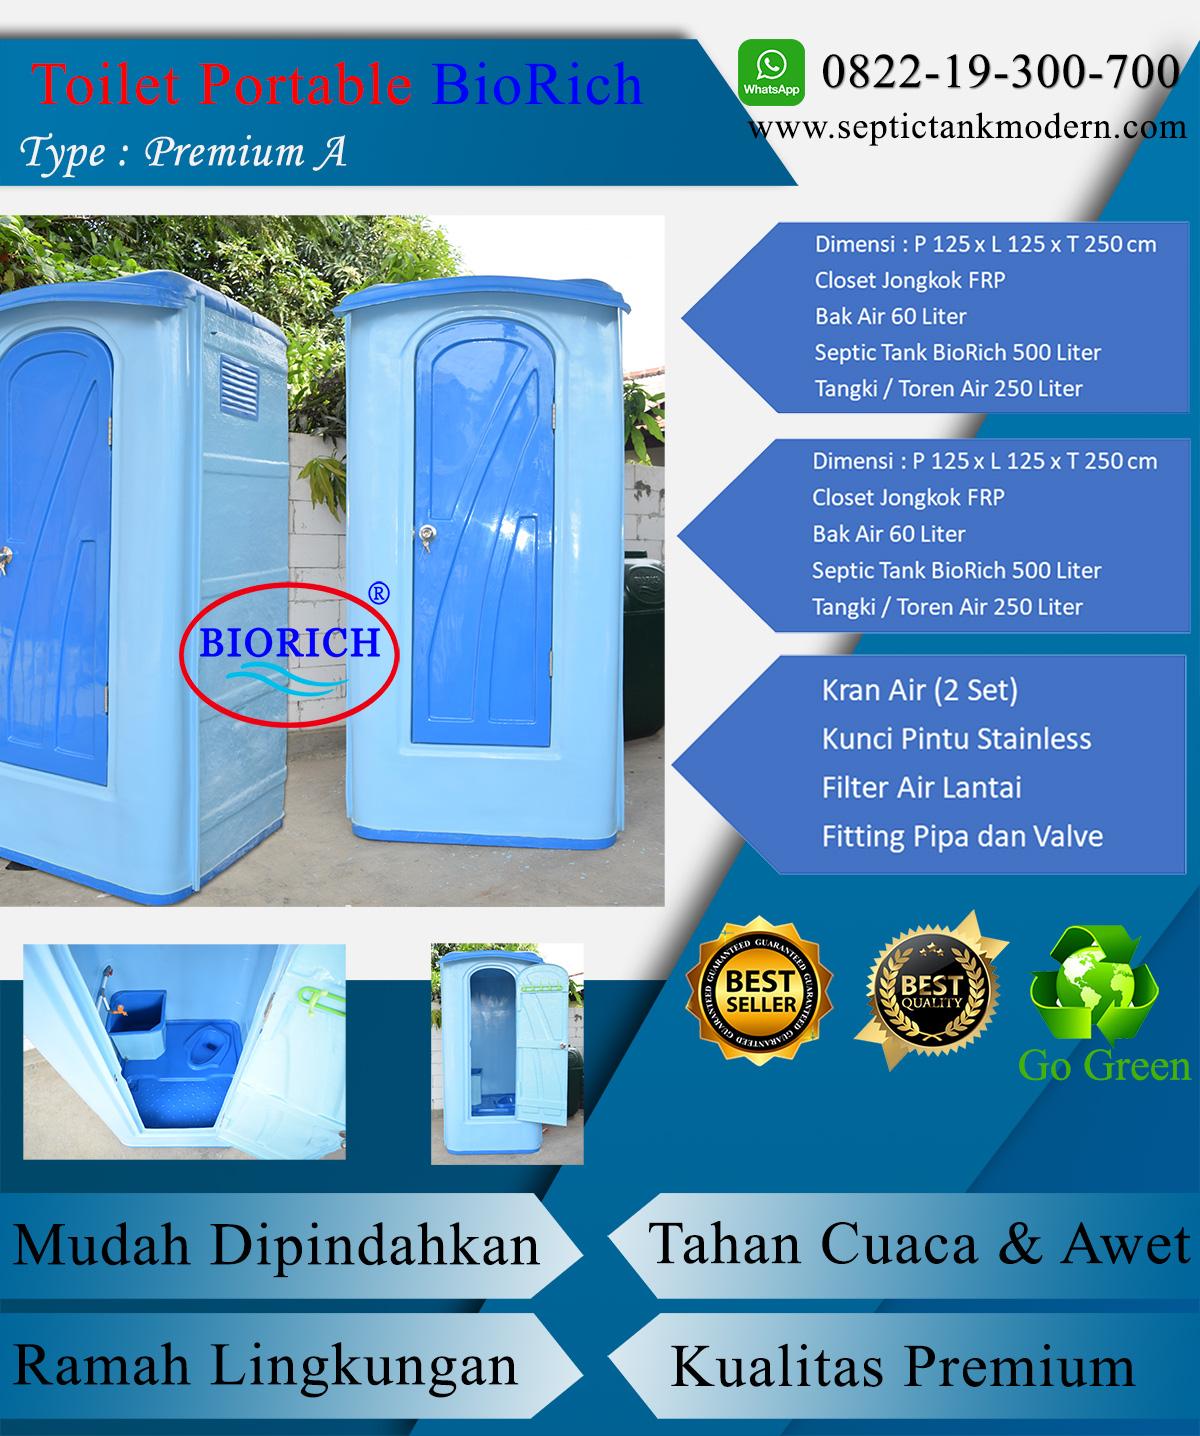 toilet portable wc flexible closet duduk portabel kamar mandi murah daftar harga terbaik berkualitas prem a Toilet Portable BioRich Tipe Premium A